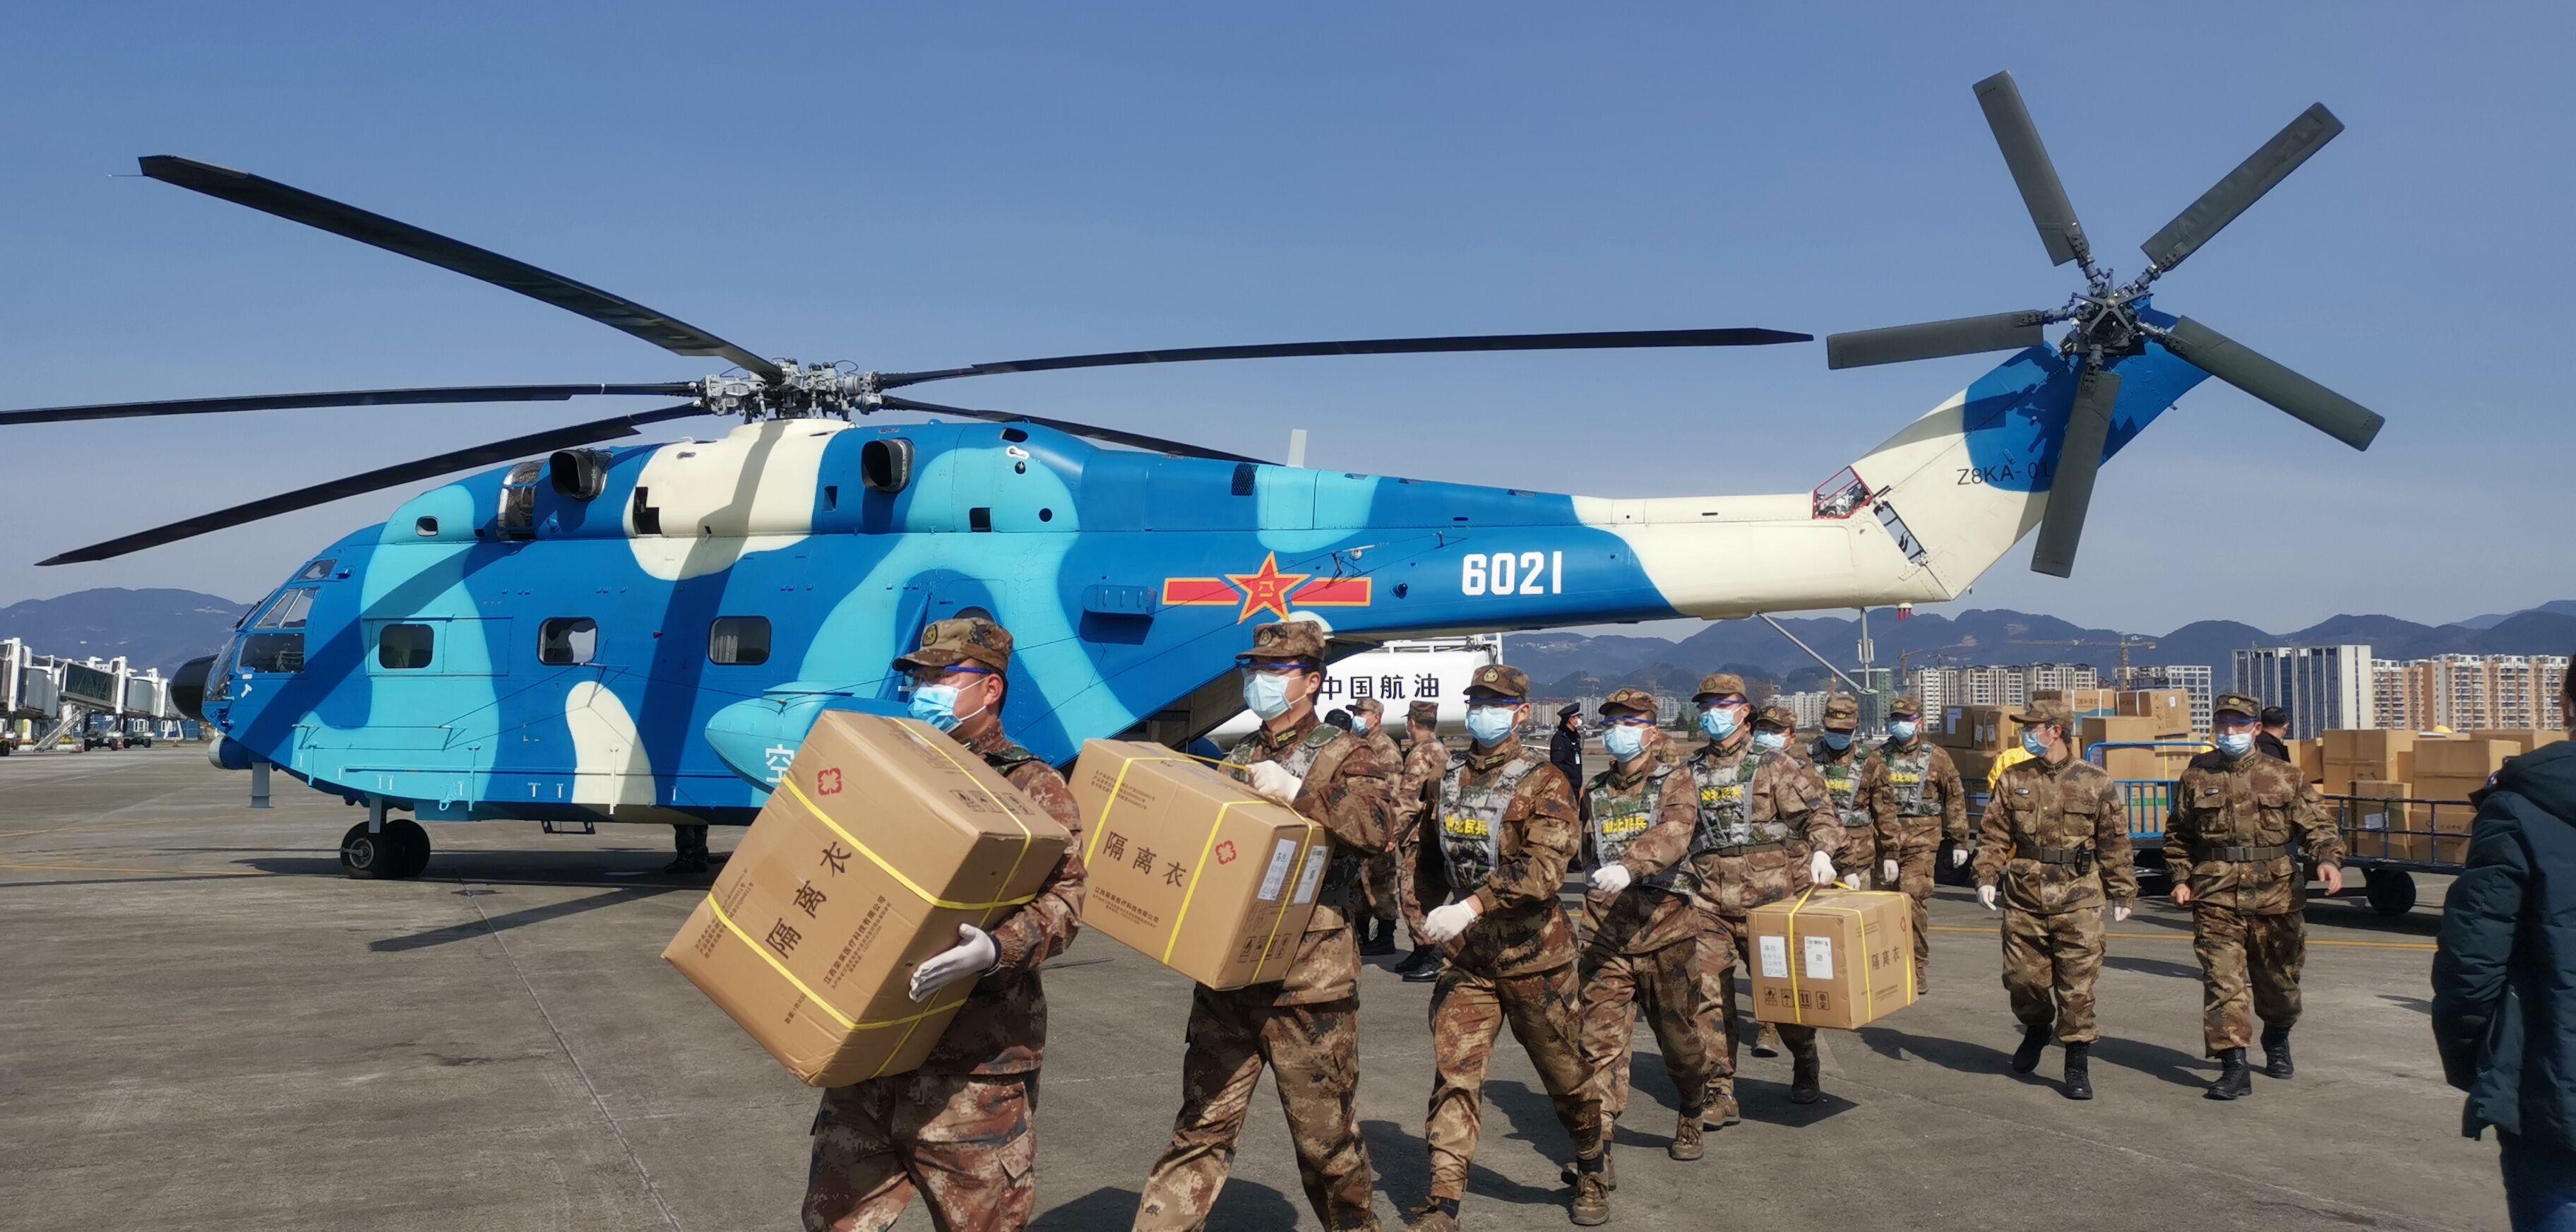 一架載有緊急物資的軍用直升機抵達恩施機場